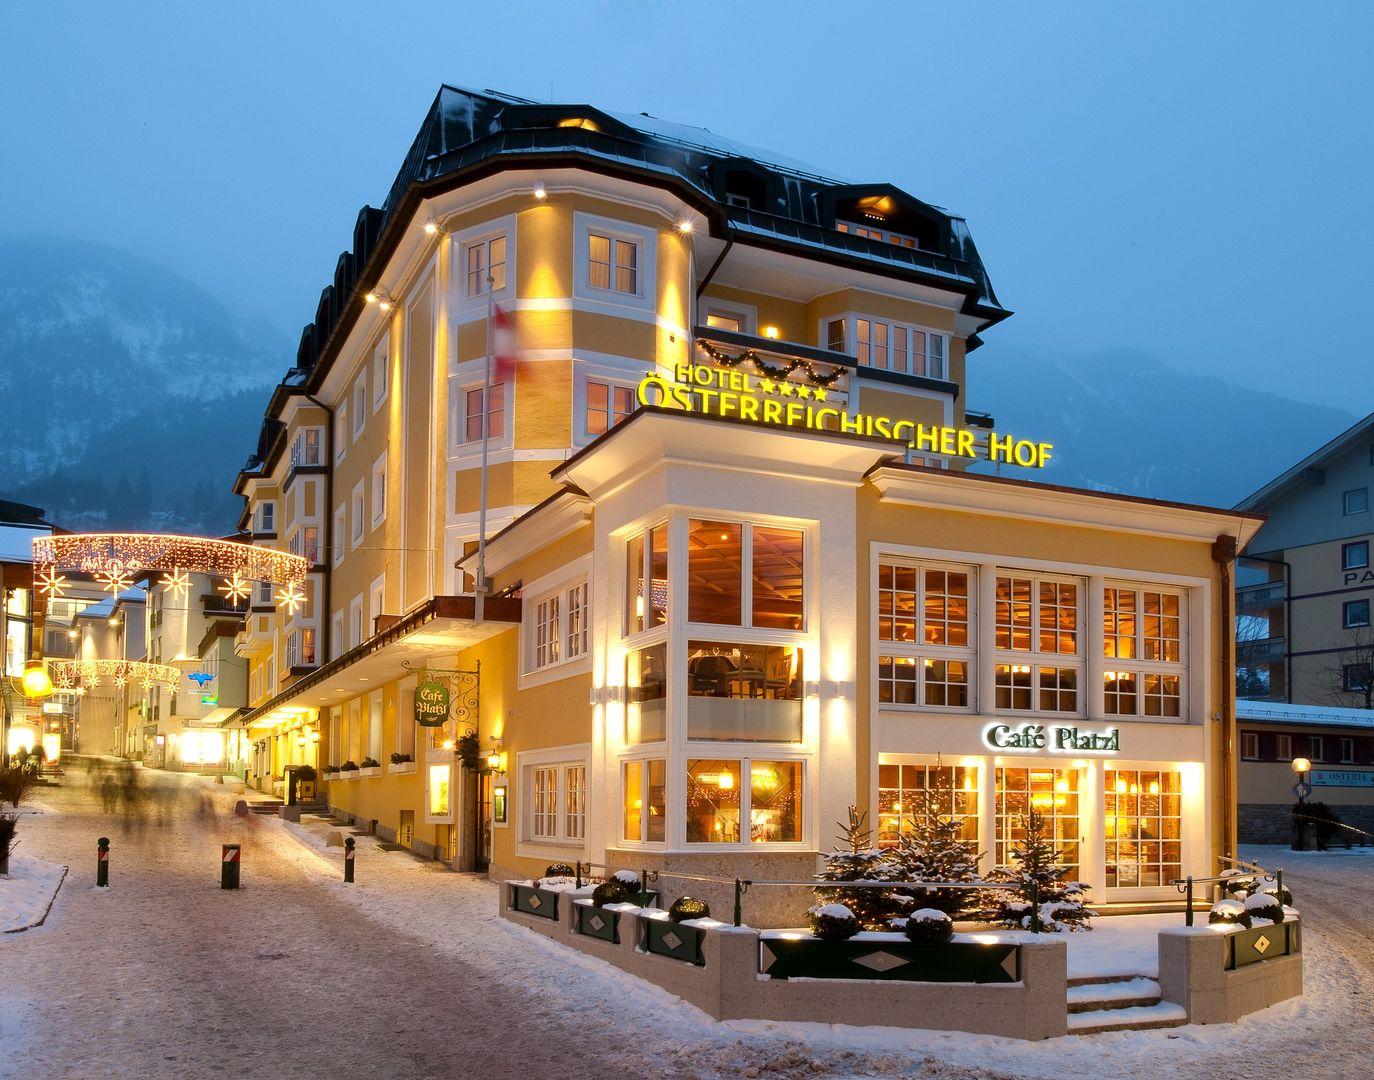 Spa Hotel Osterreichischer Hof - Slide 1